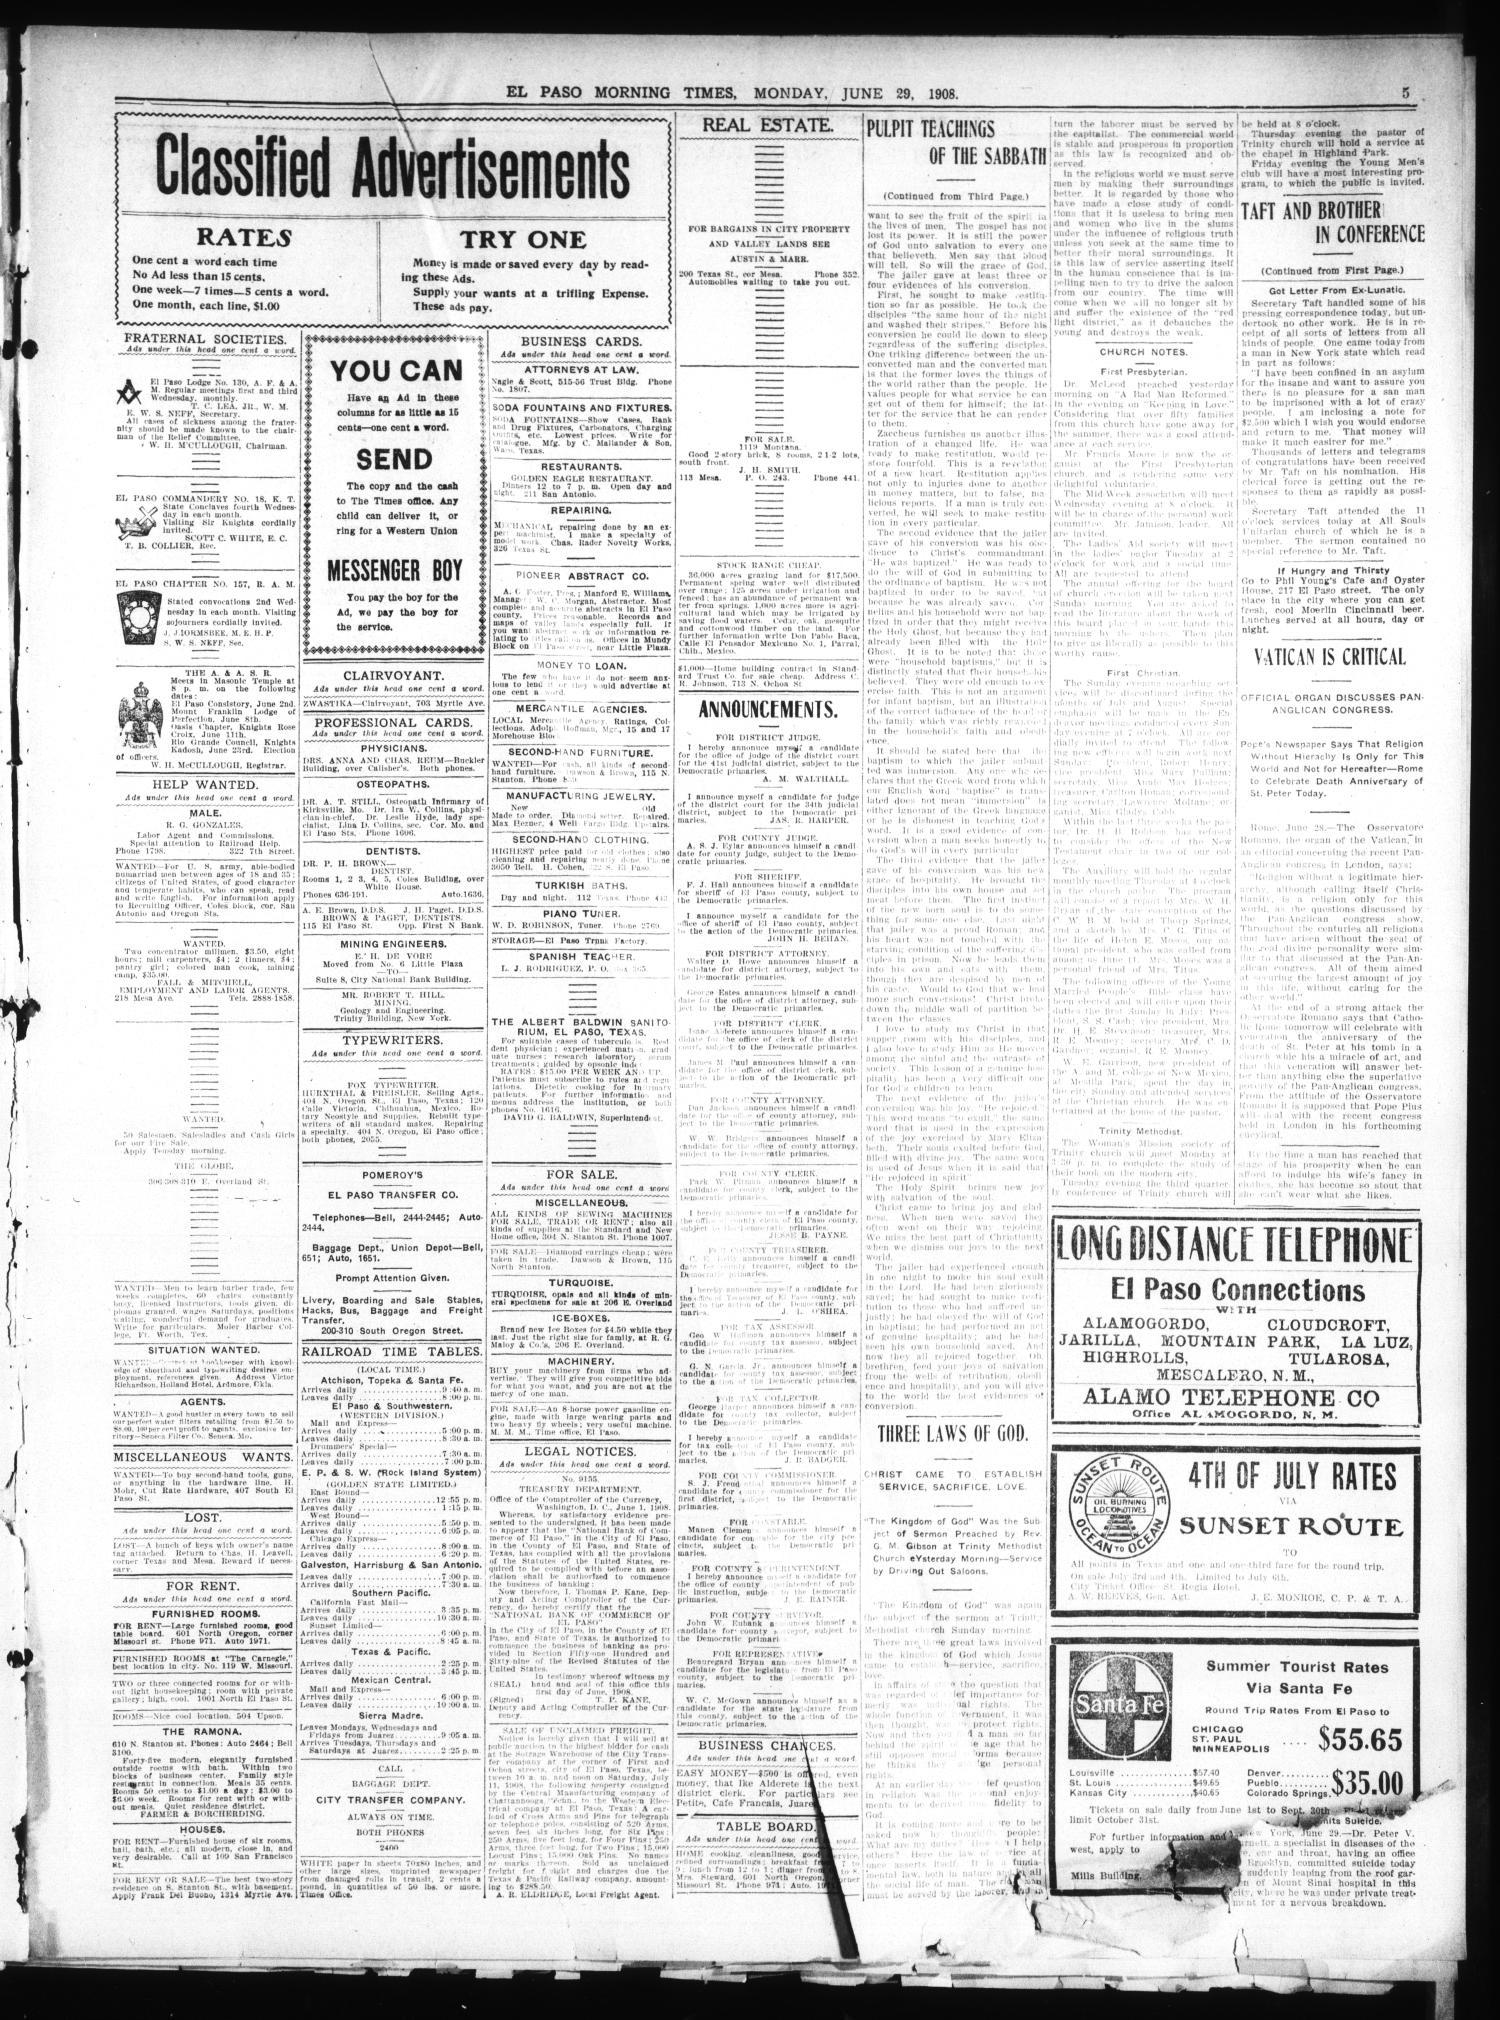 El Paso Daily Times El Paso Tex Vol 28 Ed 1 Monday June